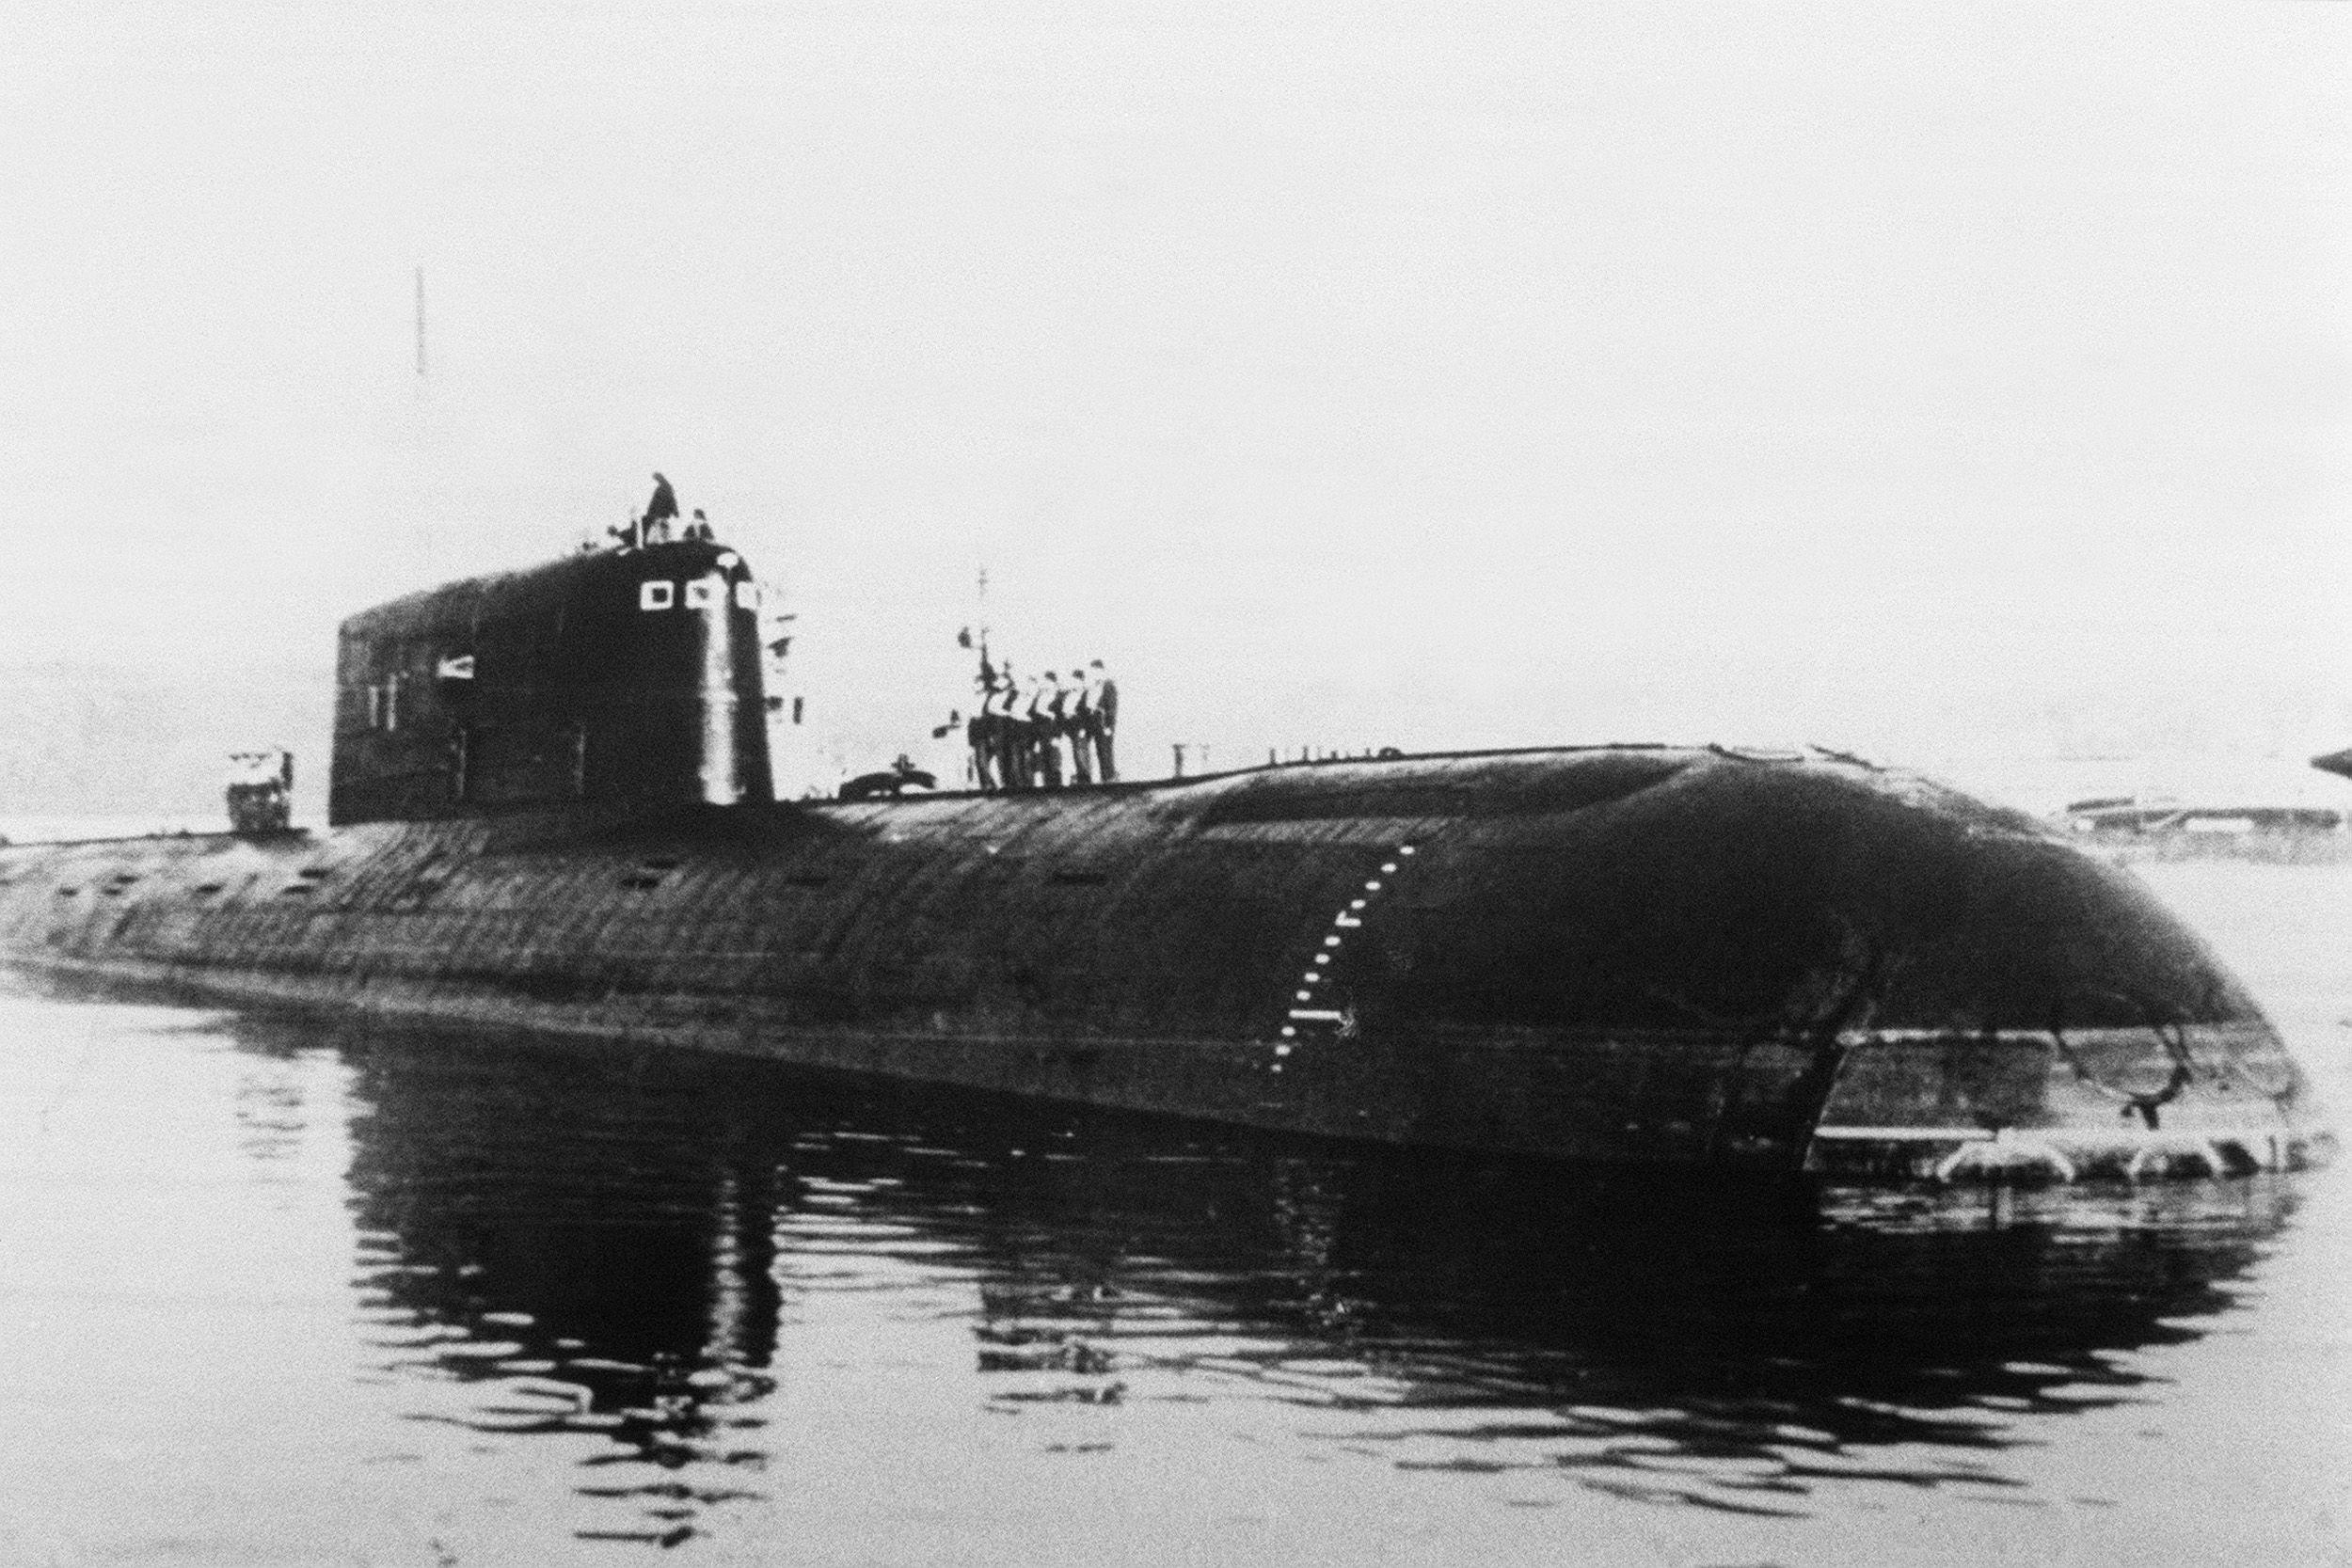 30 Years Later, a Sunken Soviet Sub Is Still Leaking Radioactivity